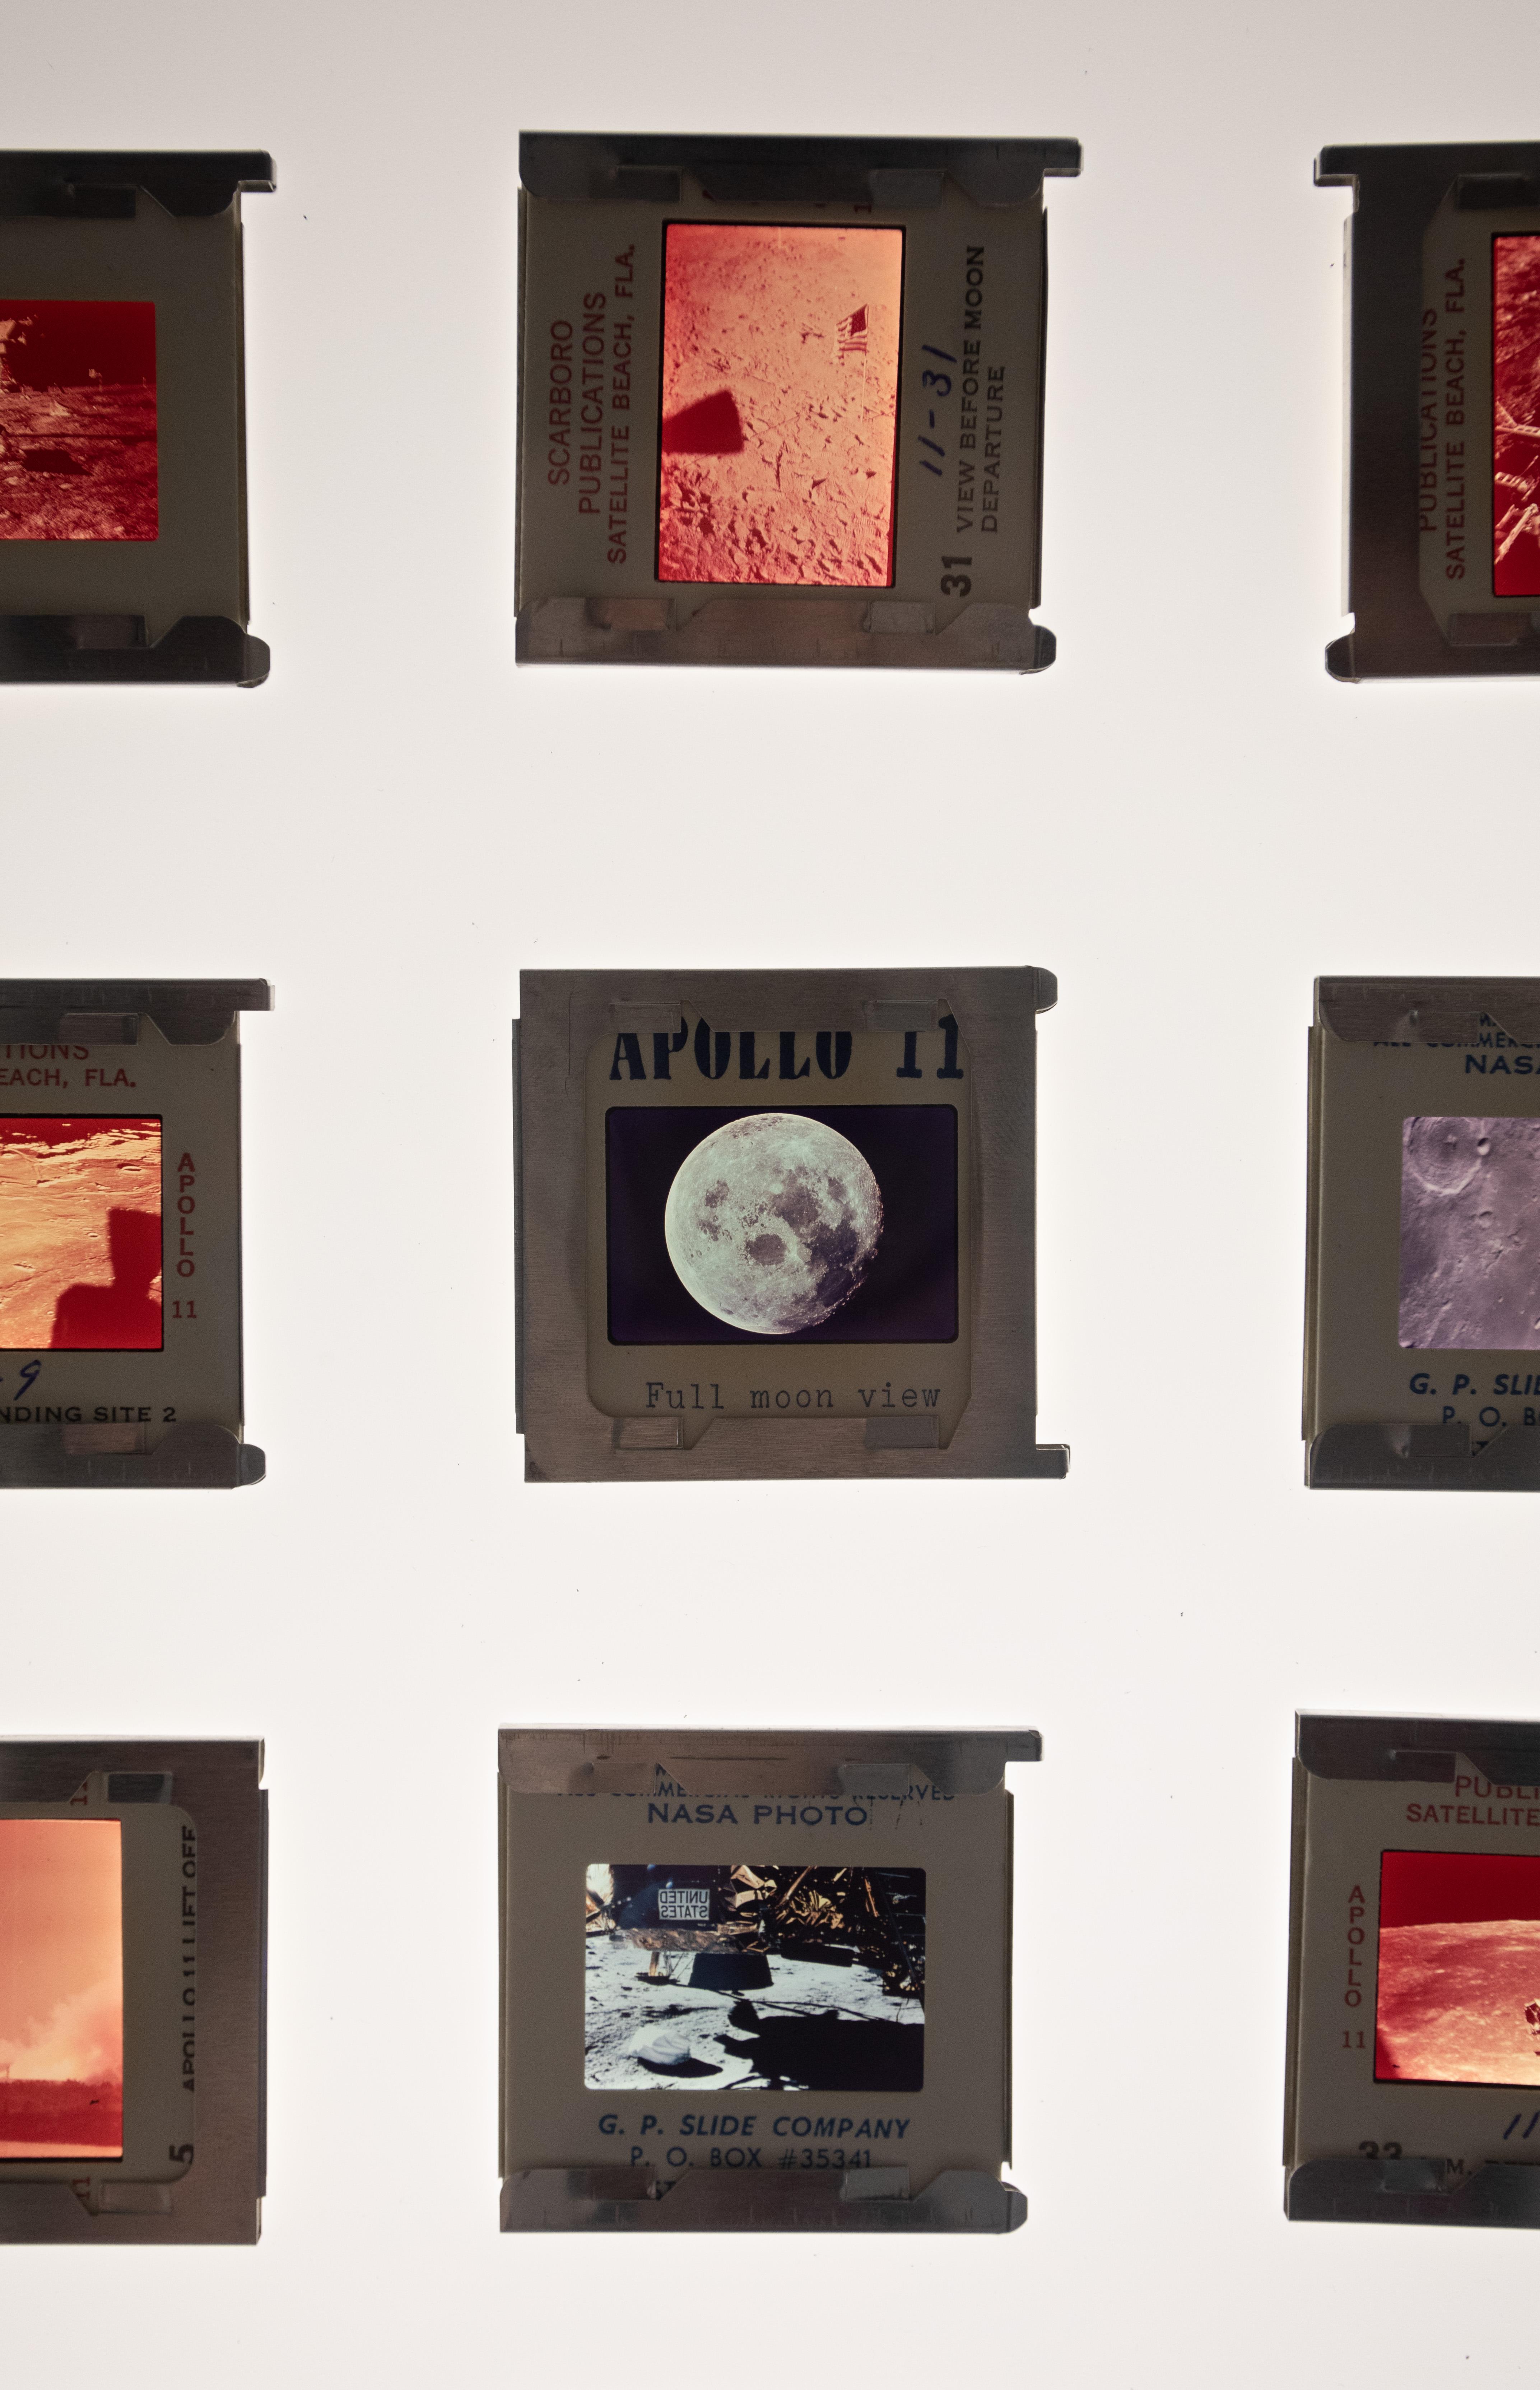 Fotos de missões espaciais aparecem alinhadas na parede.